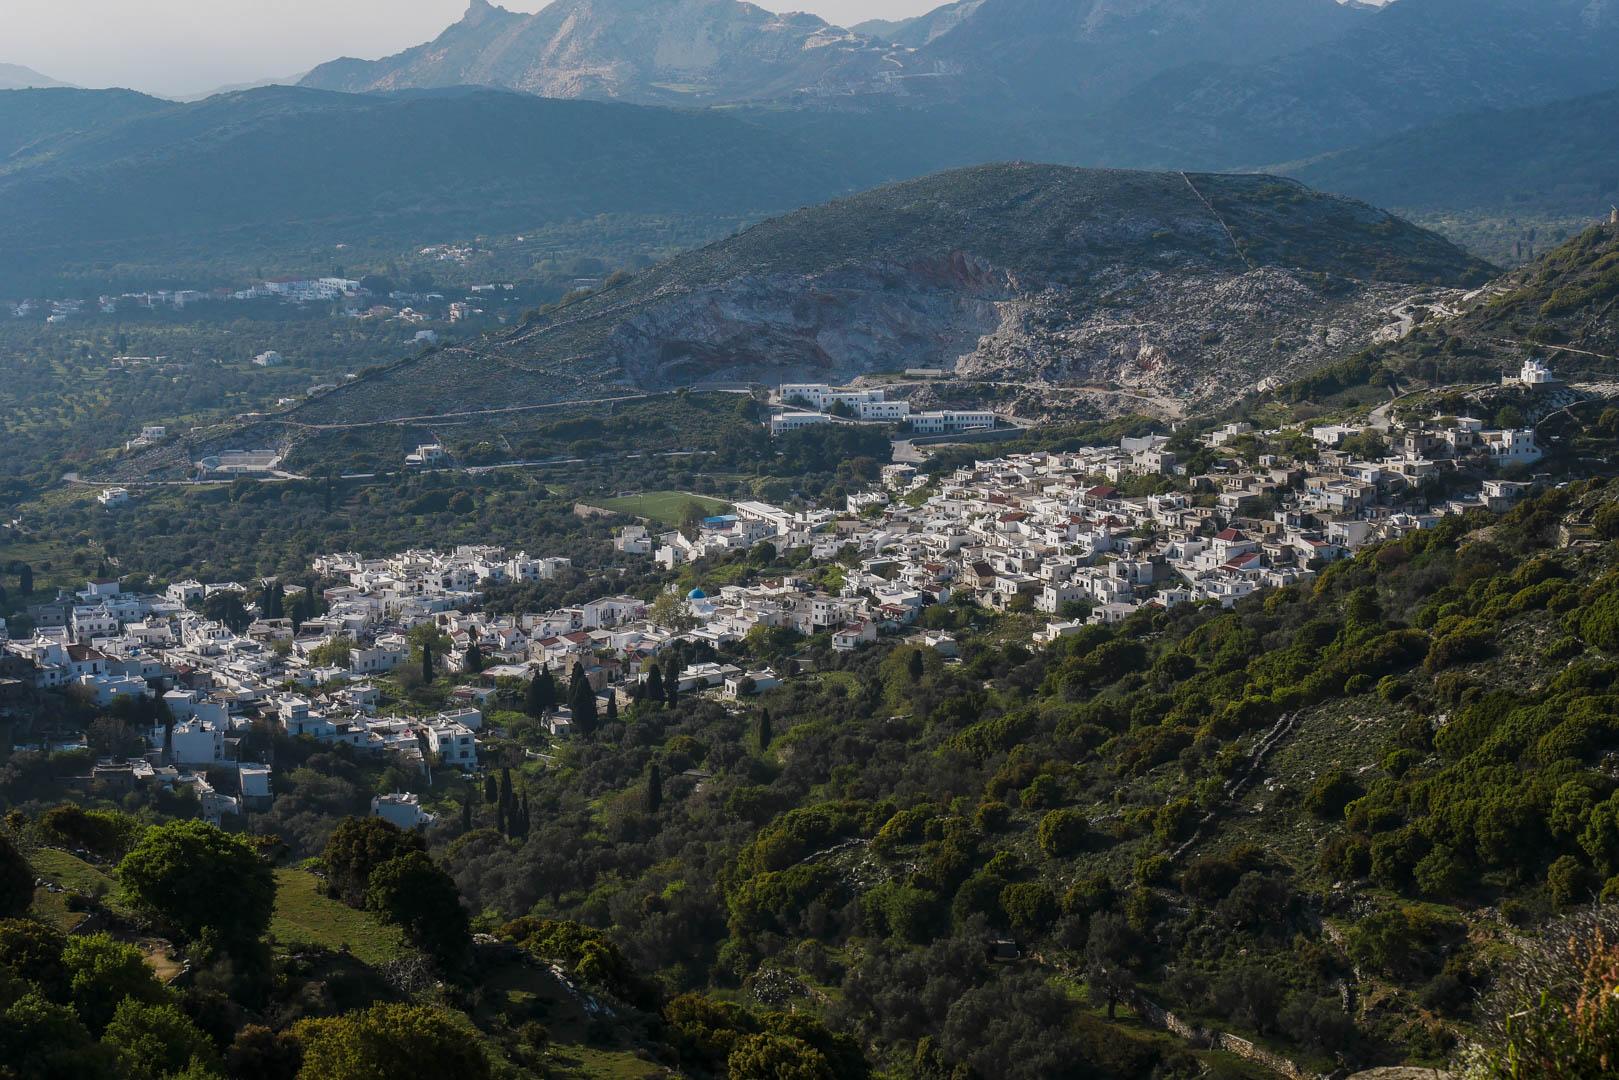 Le village de Filoti, Naxos, Grèce